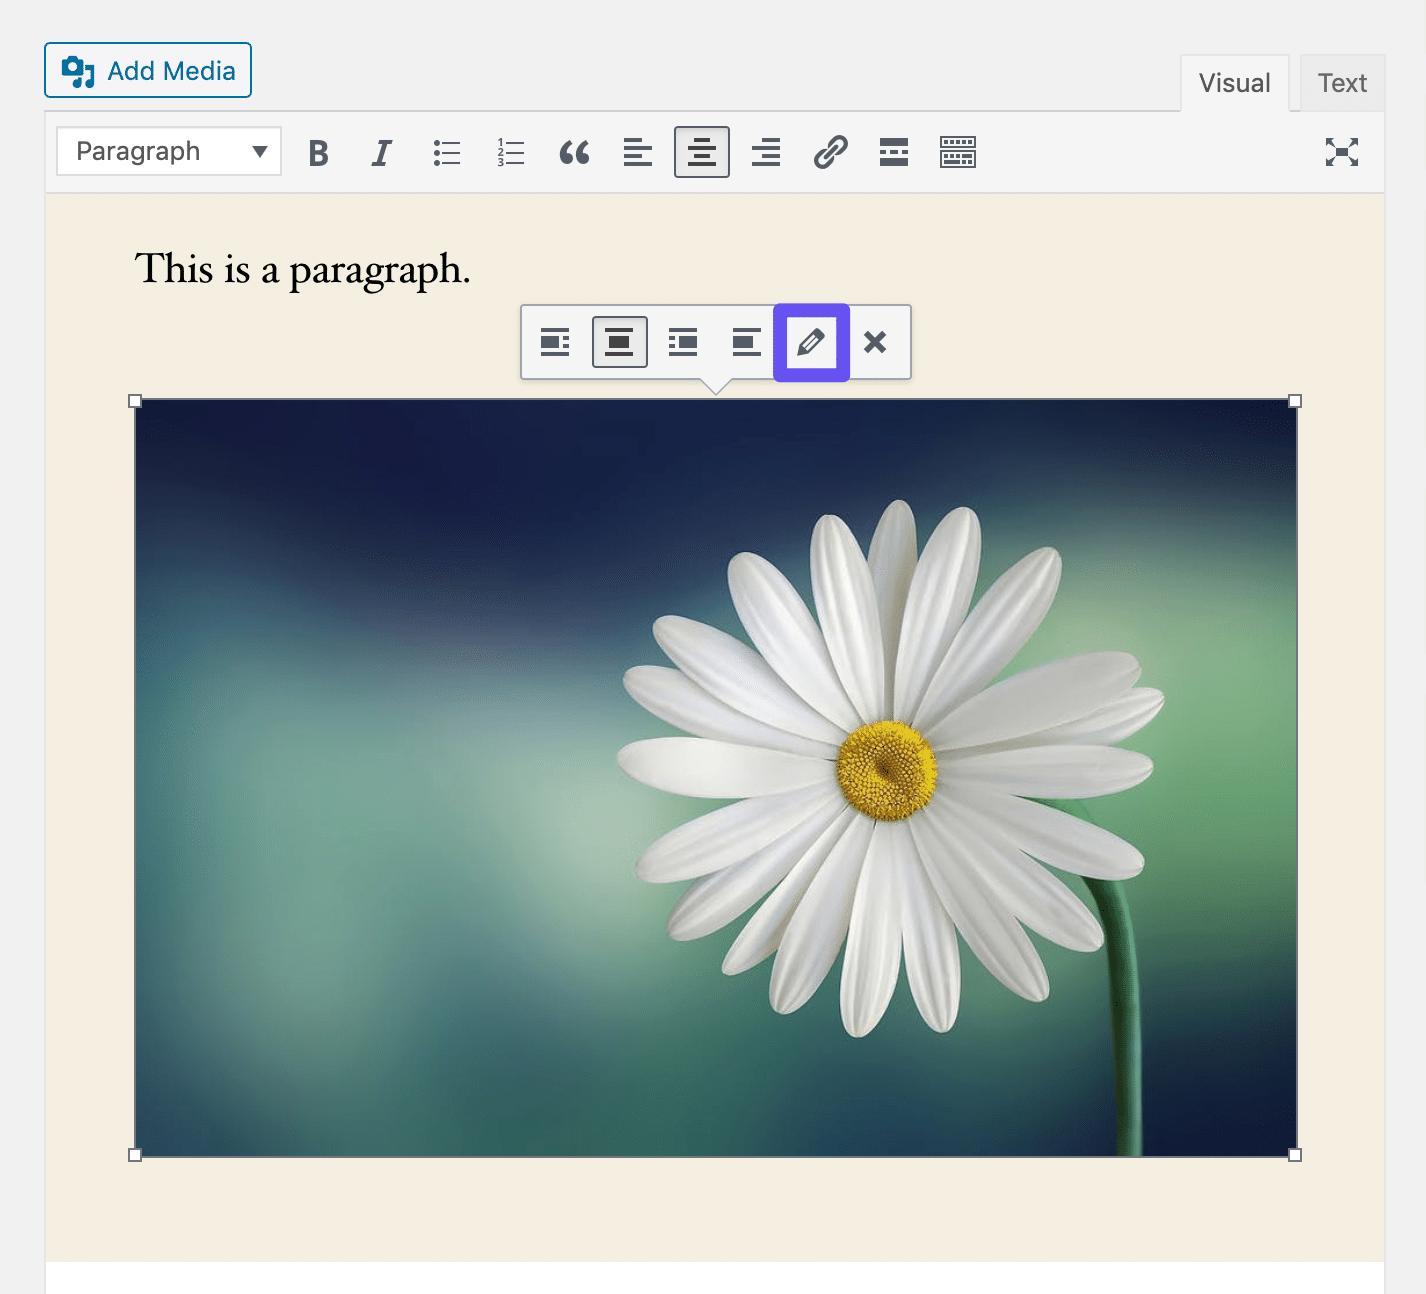 Accéder aux réglages de l'image dans l'éditeur classique